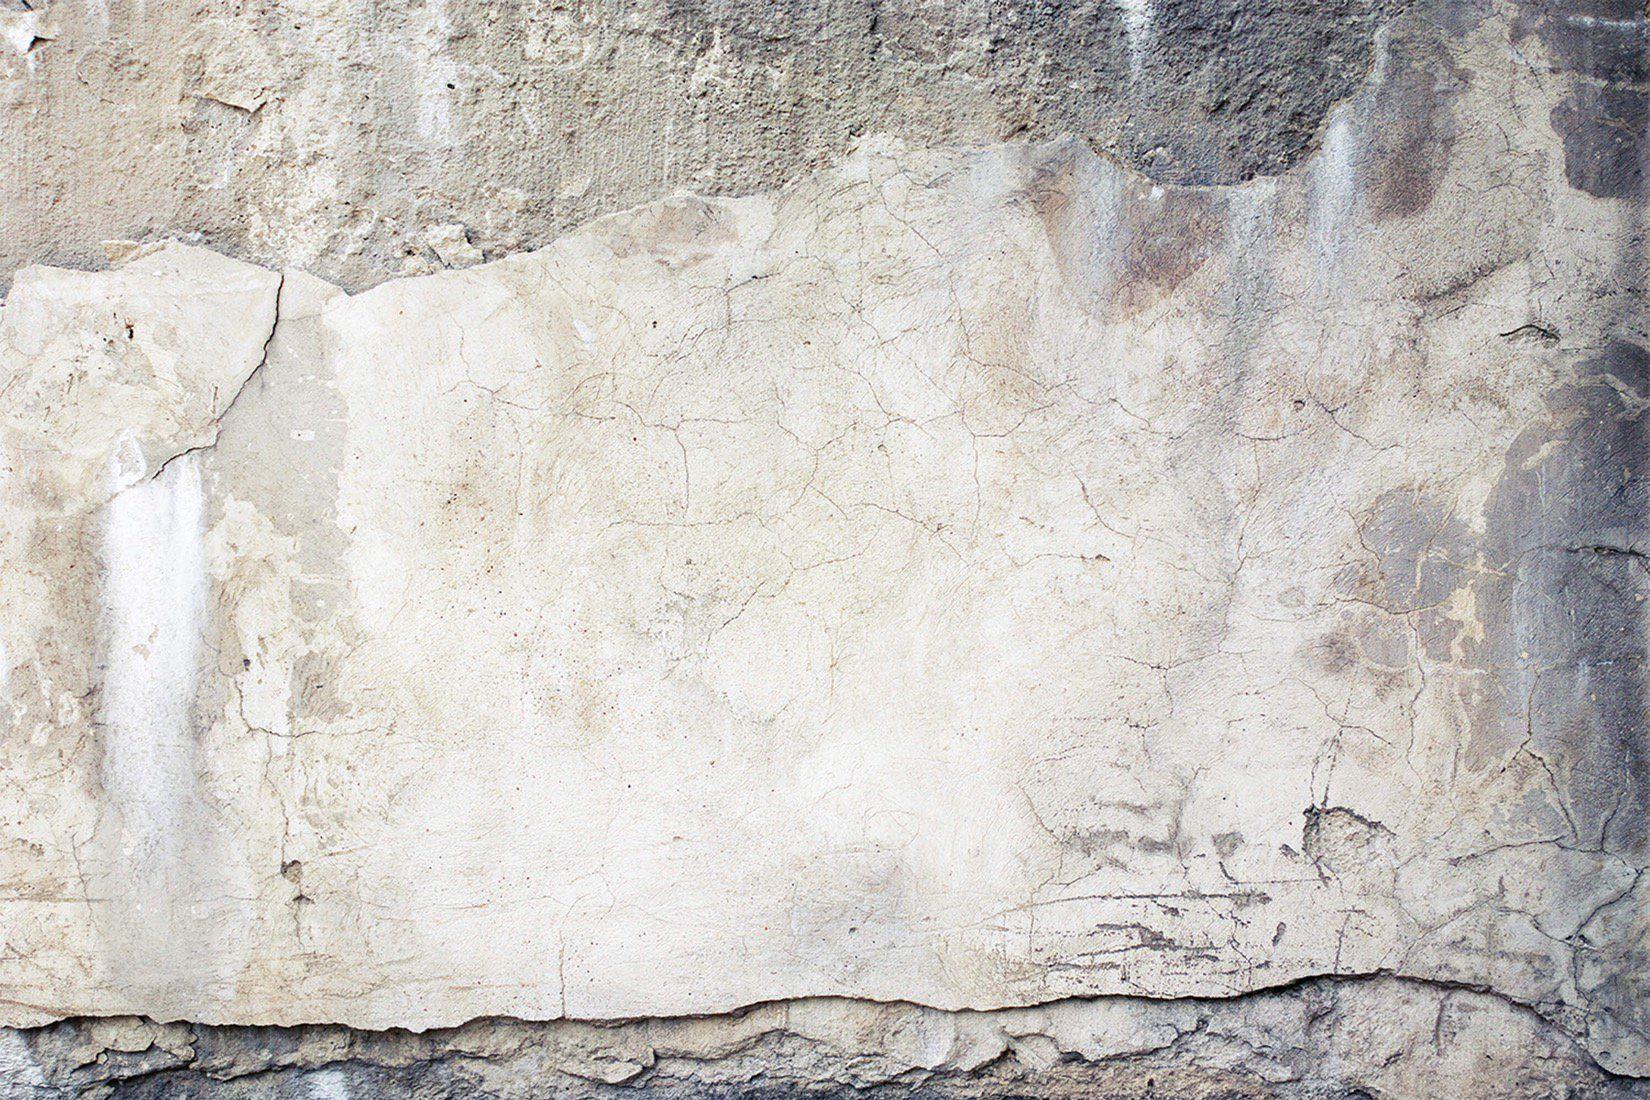 Broken Cracked Concrete Wallpaper Mural Murals Wallpaper In 2020 Concrete Wallpaper Textured Walls Wall Murals